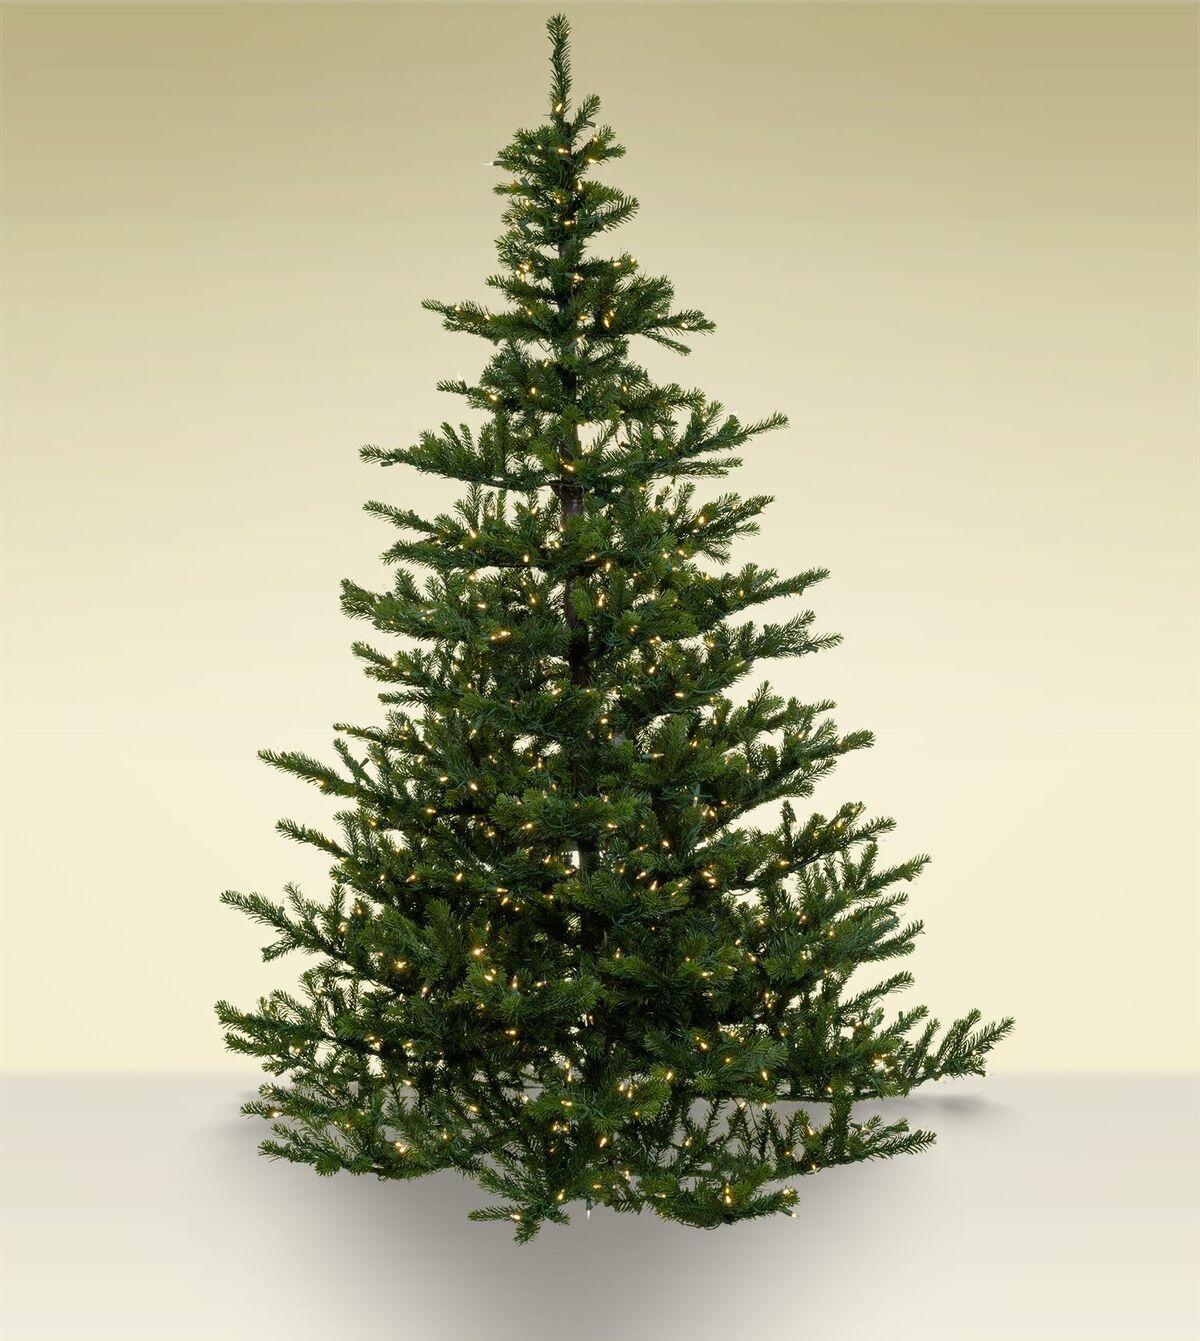 ridgeline fraser fir - Fraser Fir Artificial Christmas Tree